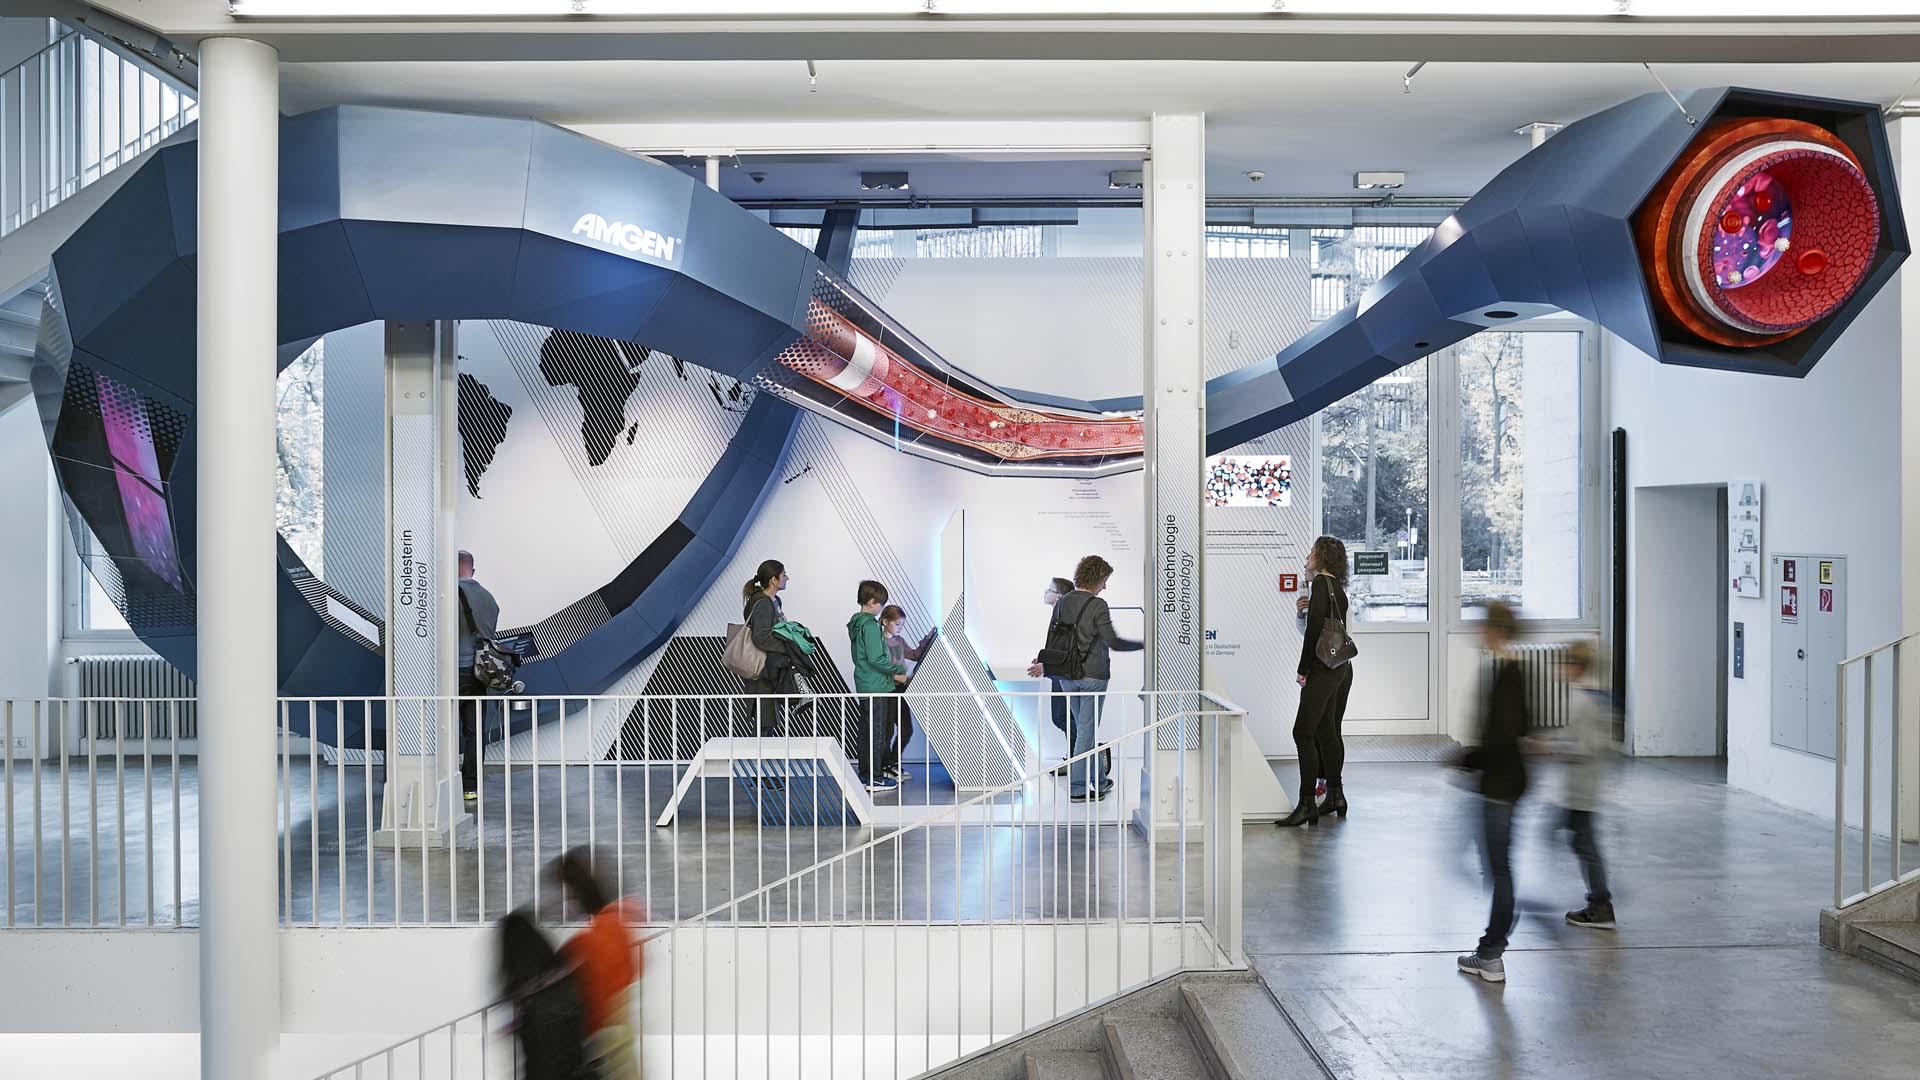 interaktiv, interactive, installation, themeninsel, amgen, biotechnologie, biotechnology, deutsches museum, munich, muenchen, visuarte